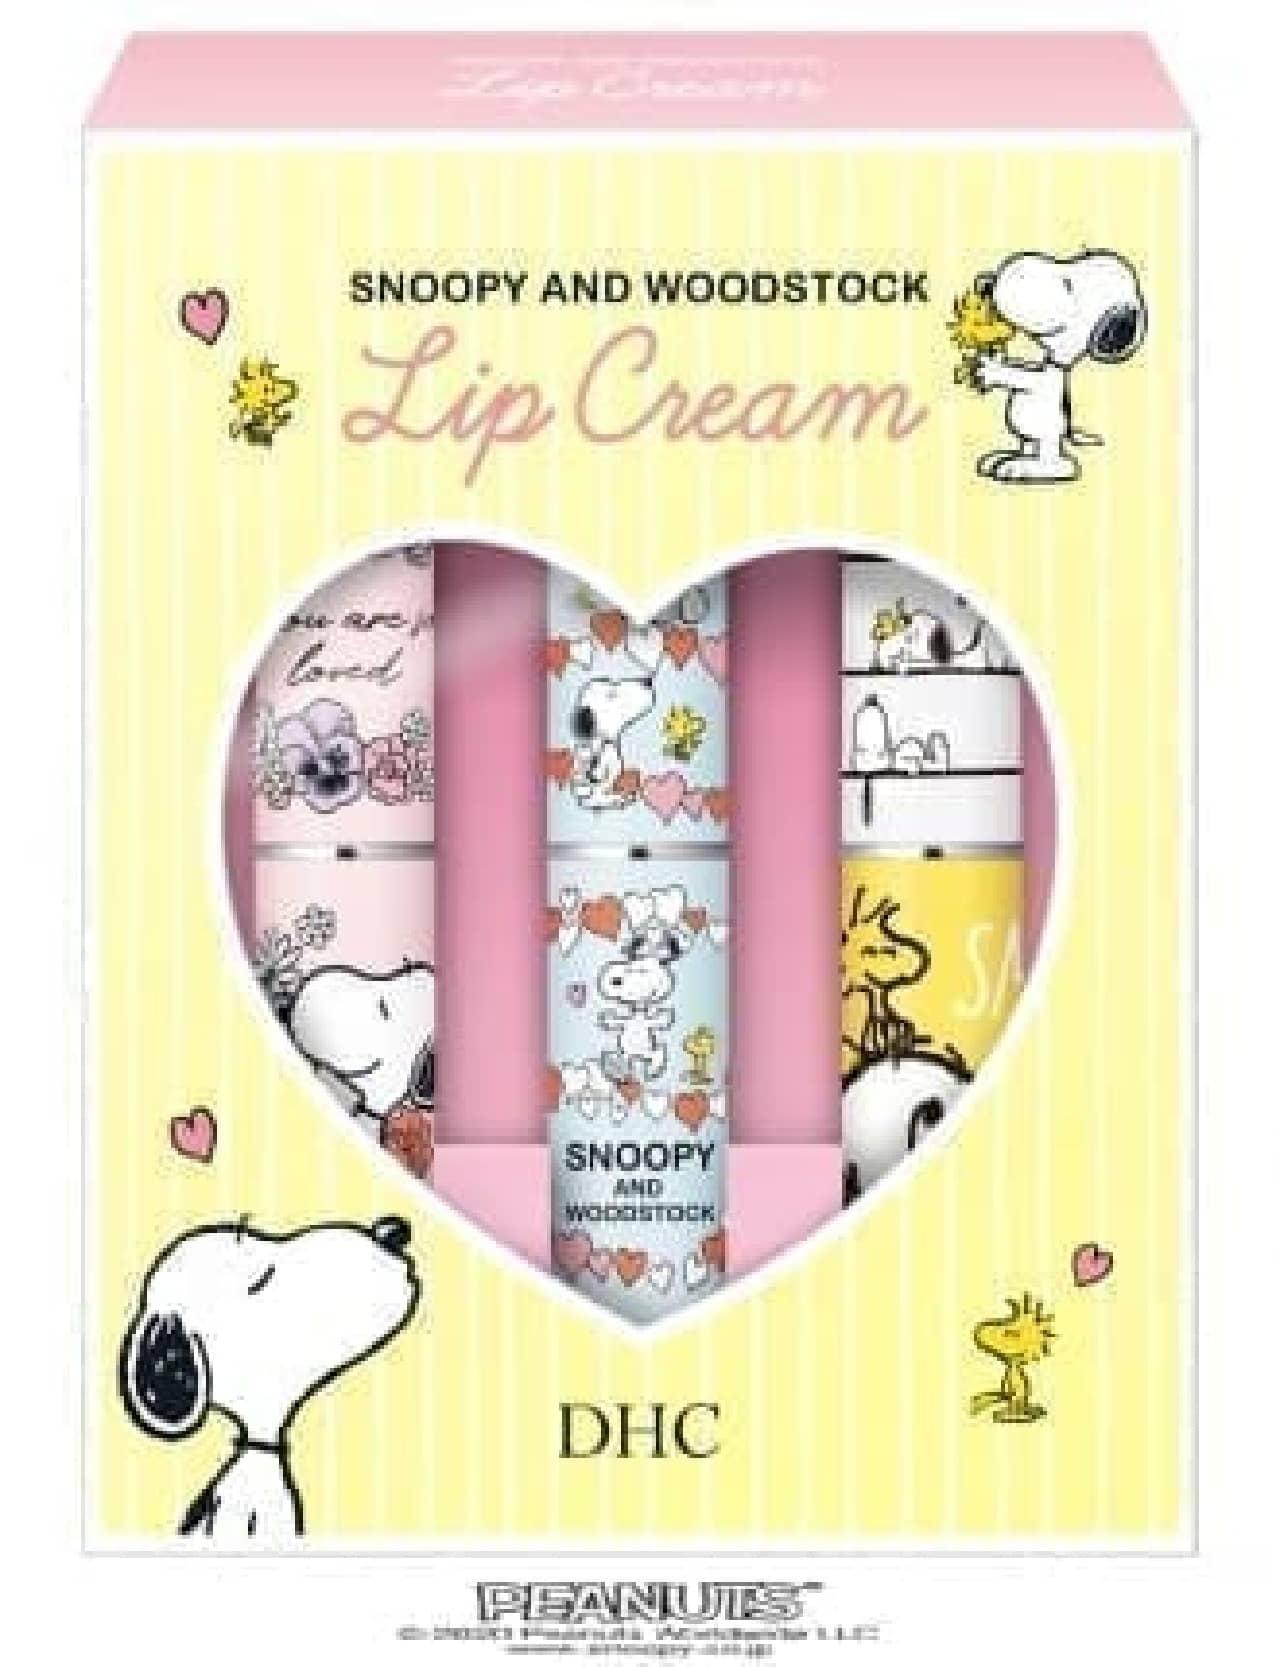 スヌーピーデザインのDHC「薬用リップクリーム」